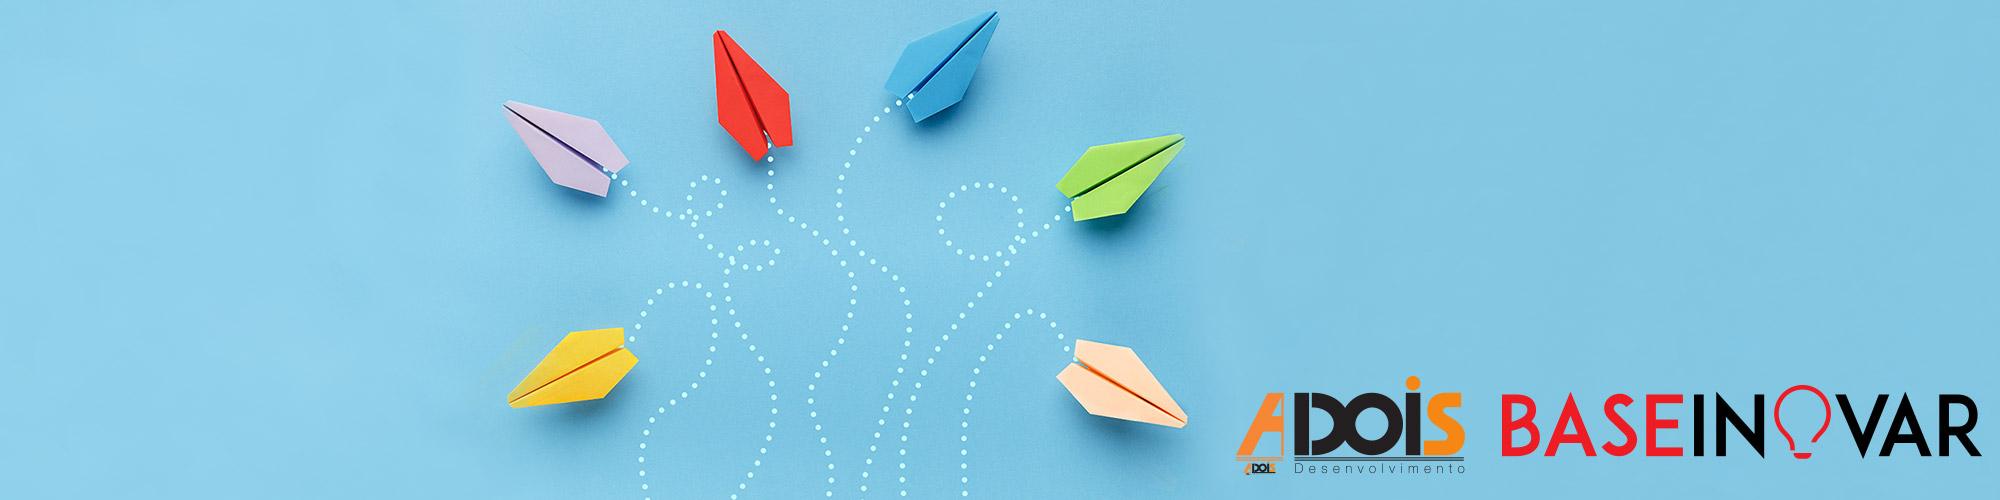 Aprenda como liderar trabalho em equipe com workshop da Base Inovar